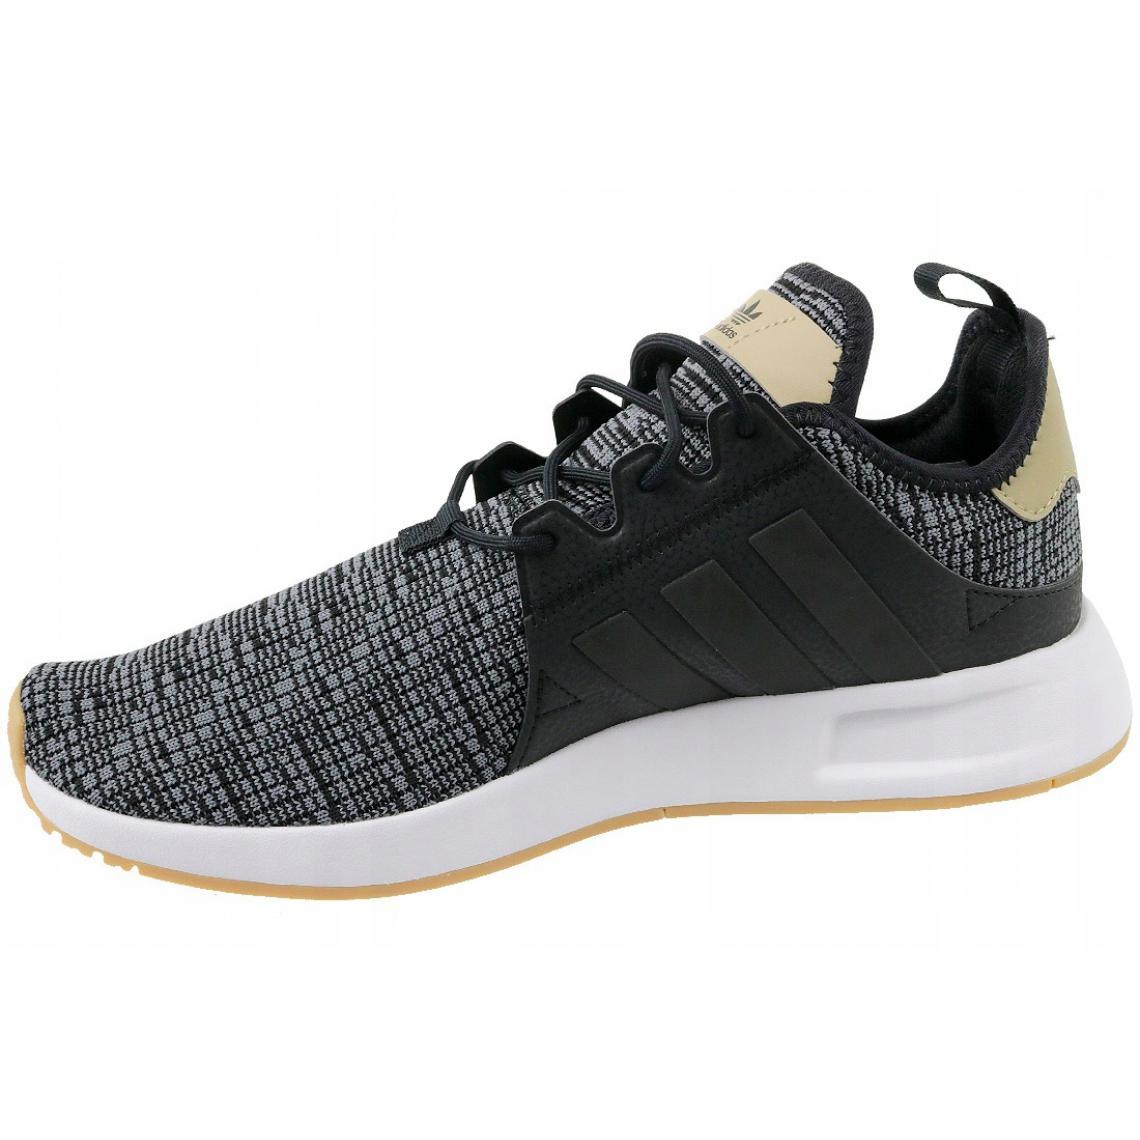 plr X Suisses plr Adidas X plr Adidas X Suisses Originals3 Originals3 nwkP0O